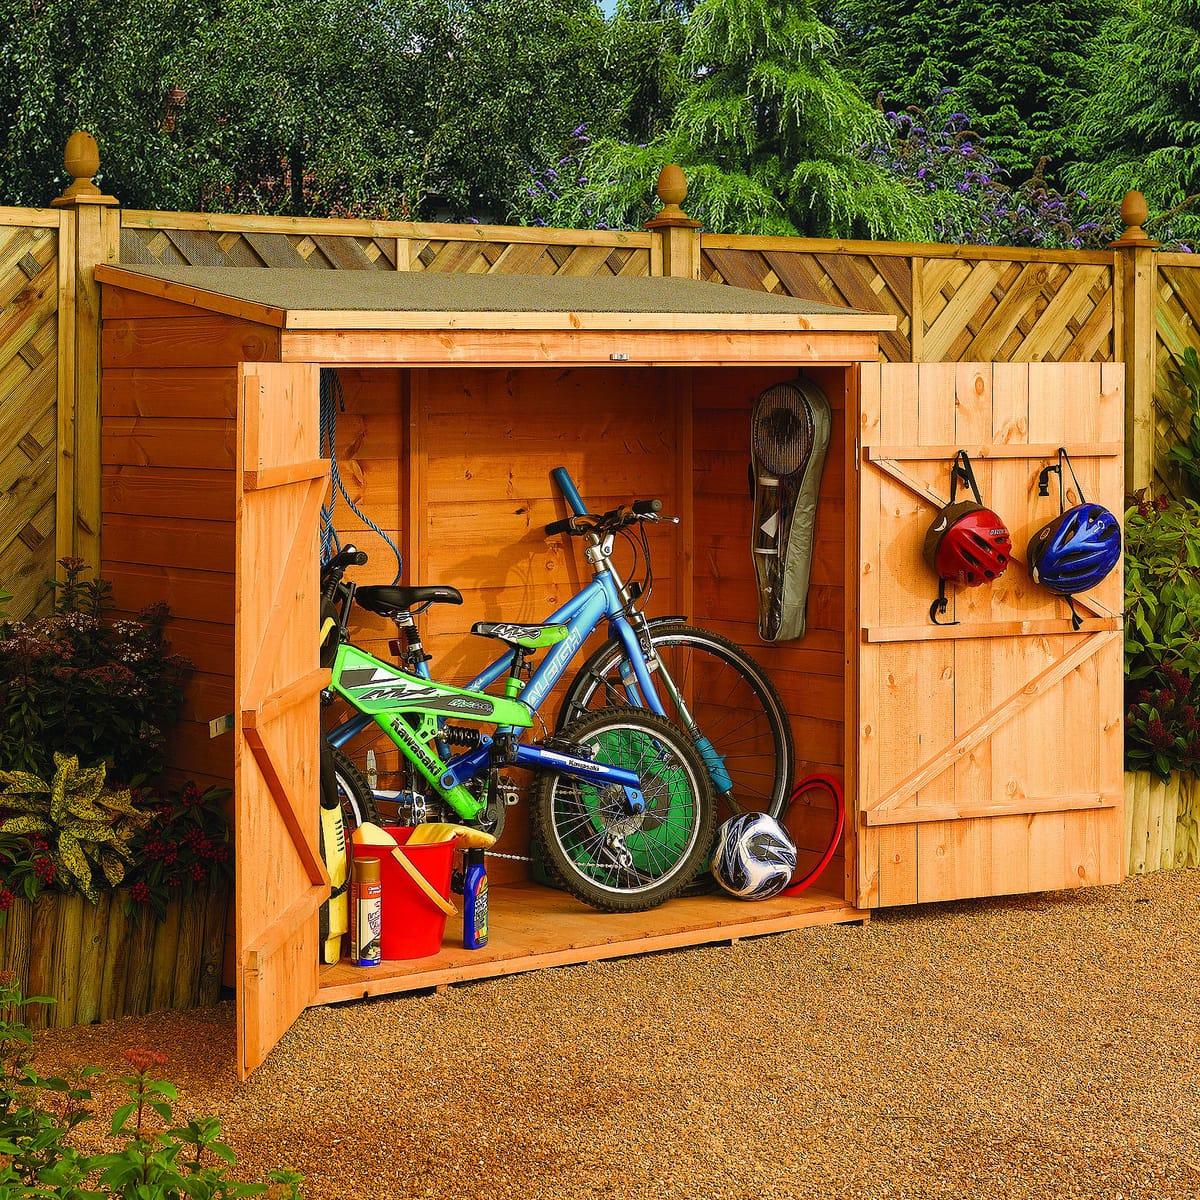 Choisir Son Abri De Jardin: Le Guide Complet Et Nos Conseils tout Abri Vélo À Faire Soi-Même